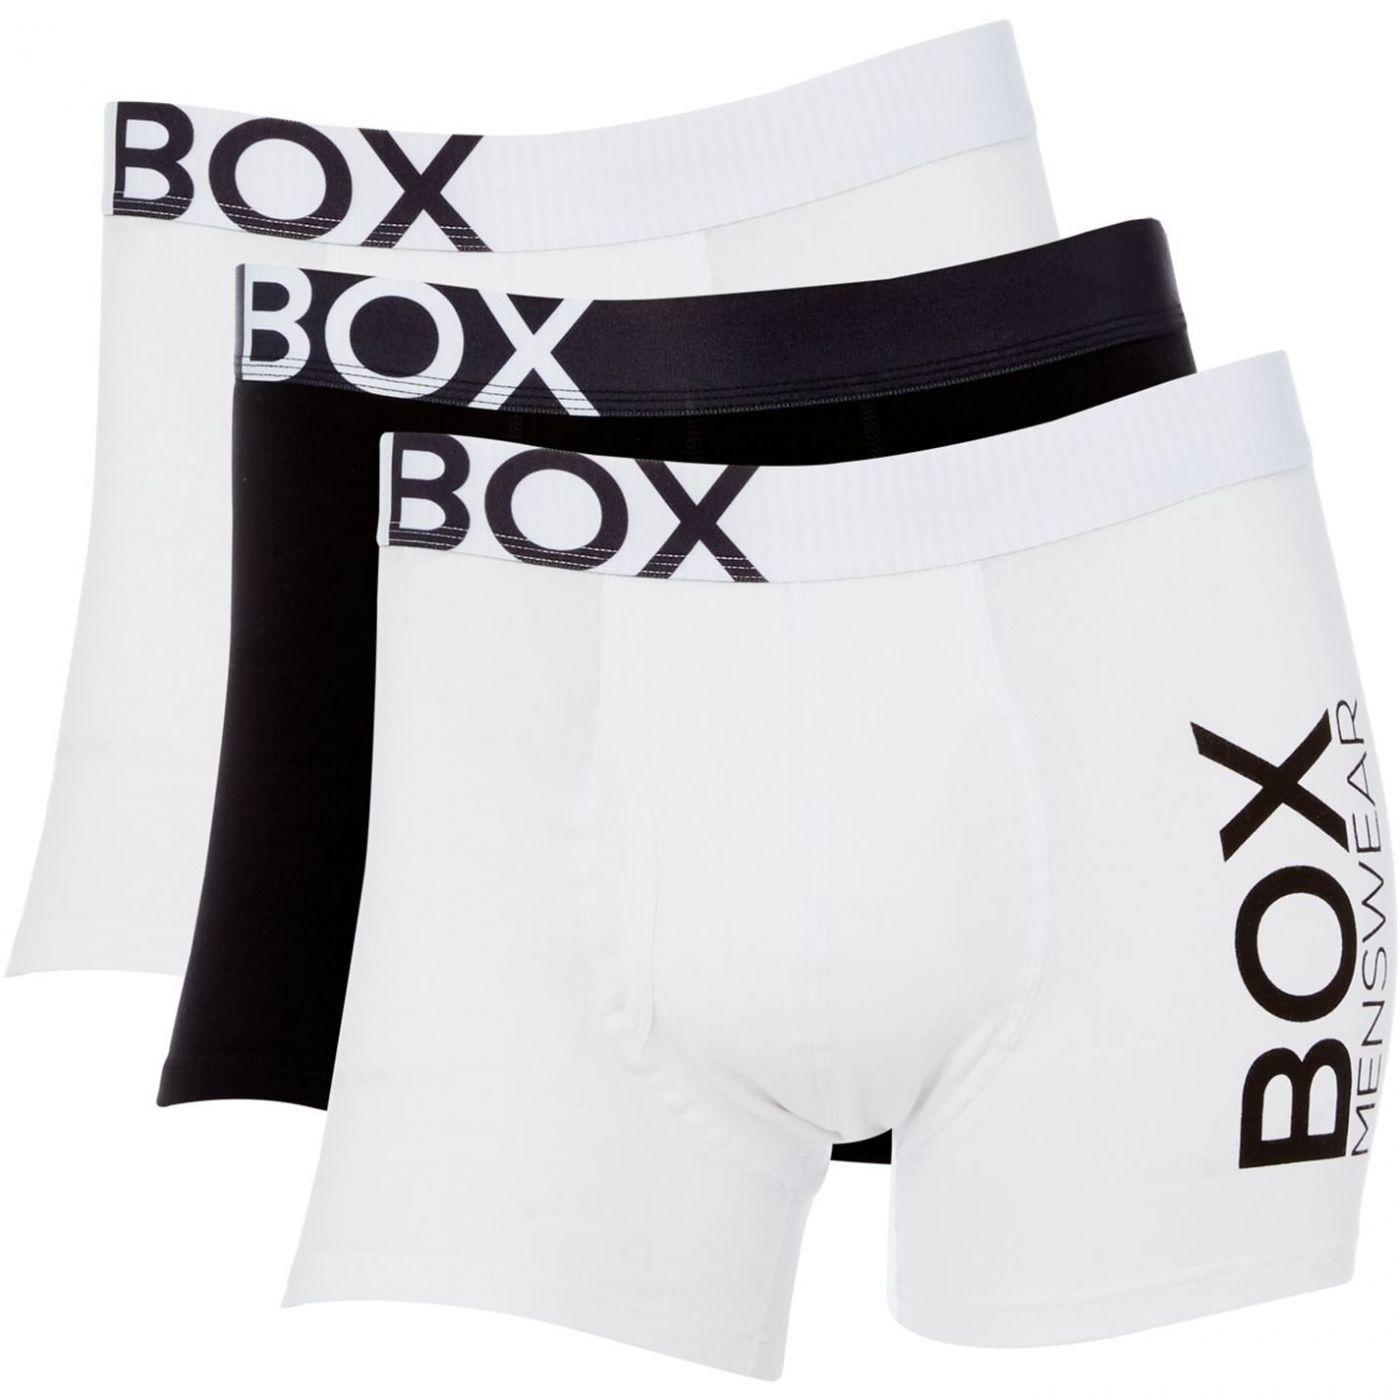 Box Menswear 3PK Logo Waistband Trunk